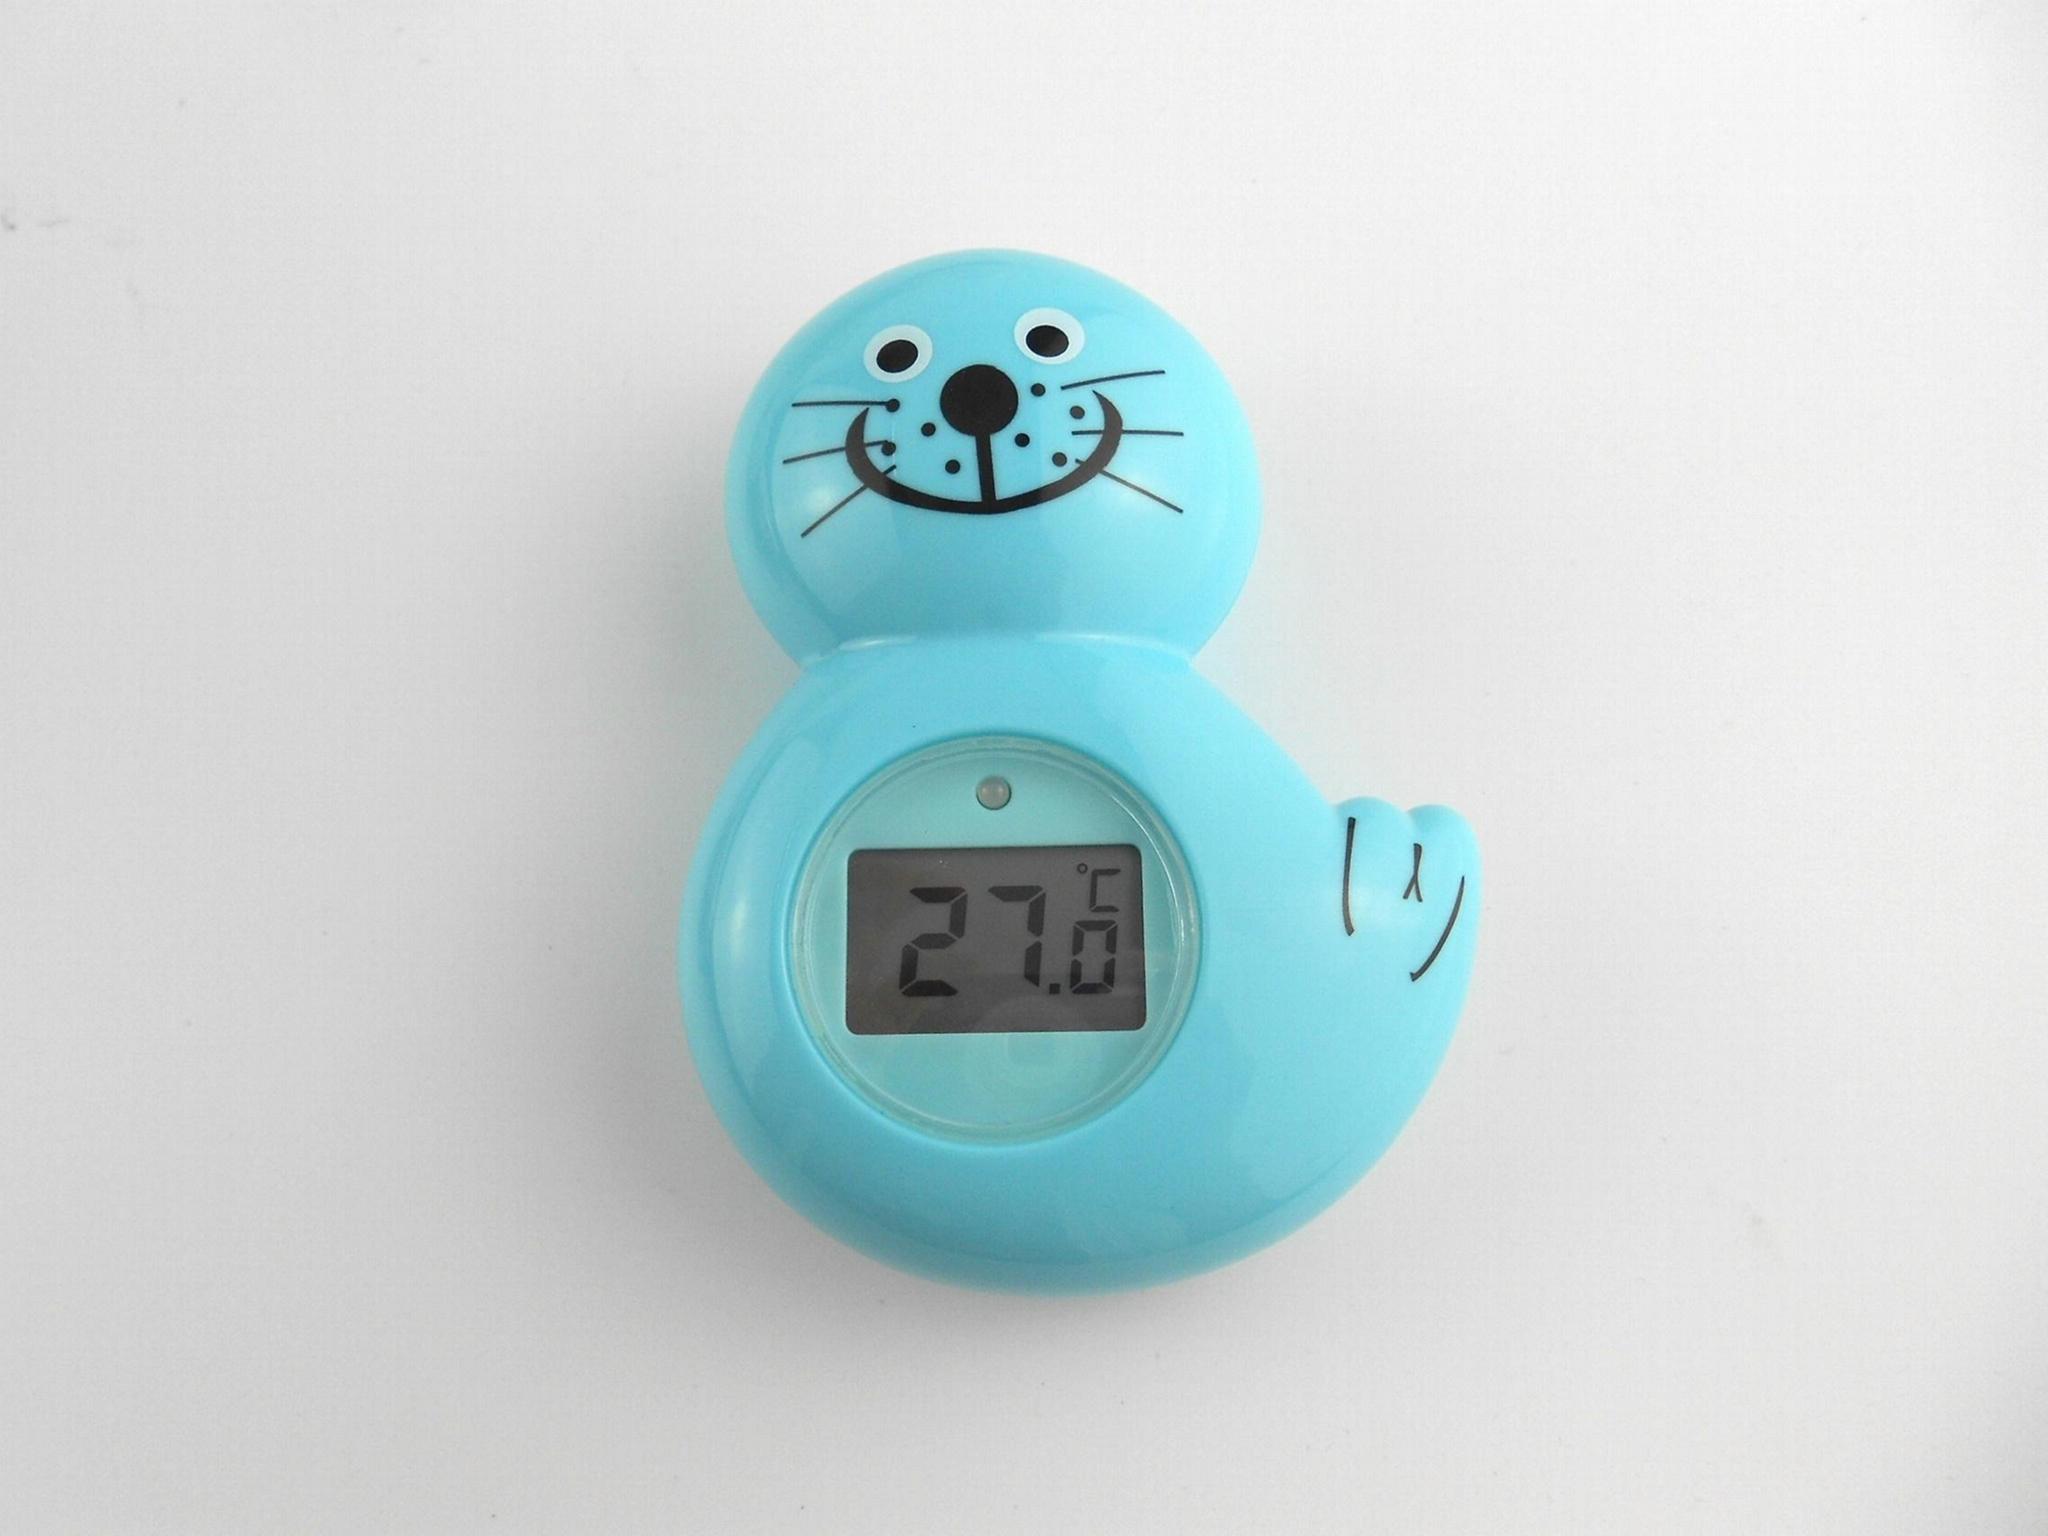 海獅浴缸室內兩用溫度計 4